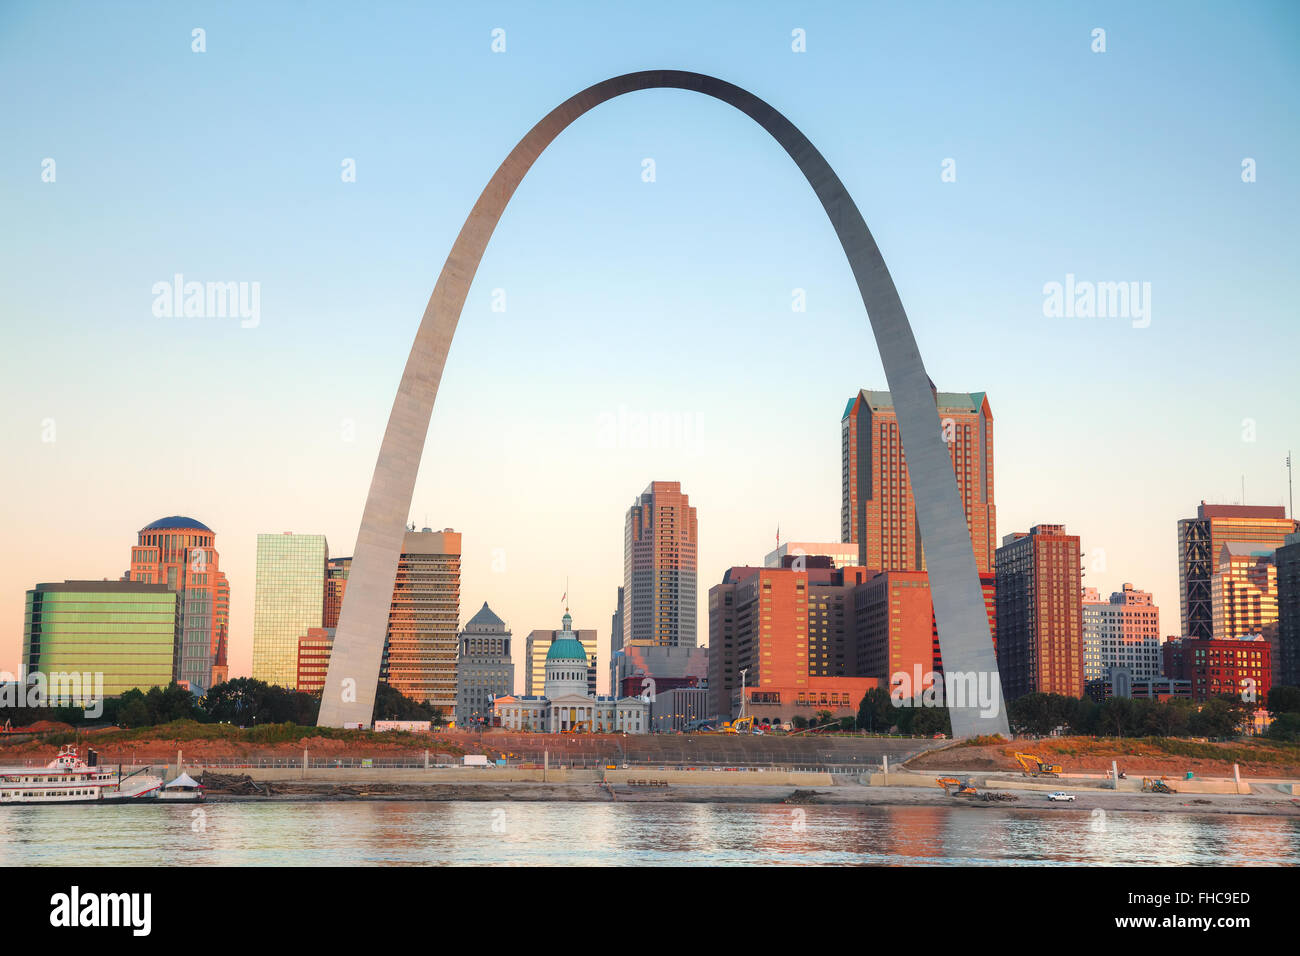 Die Innenstadt von St. Louis, Missouri mit Old Courthouse und den Gateway Arch bei Sonnenaufgang Stockbild